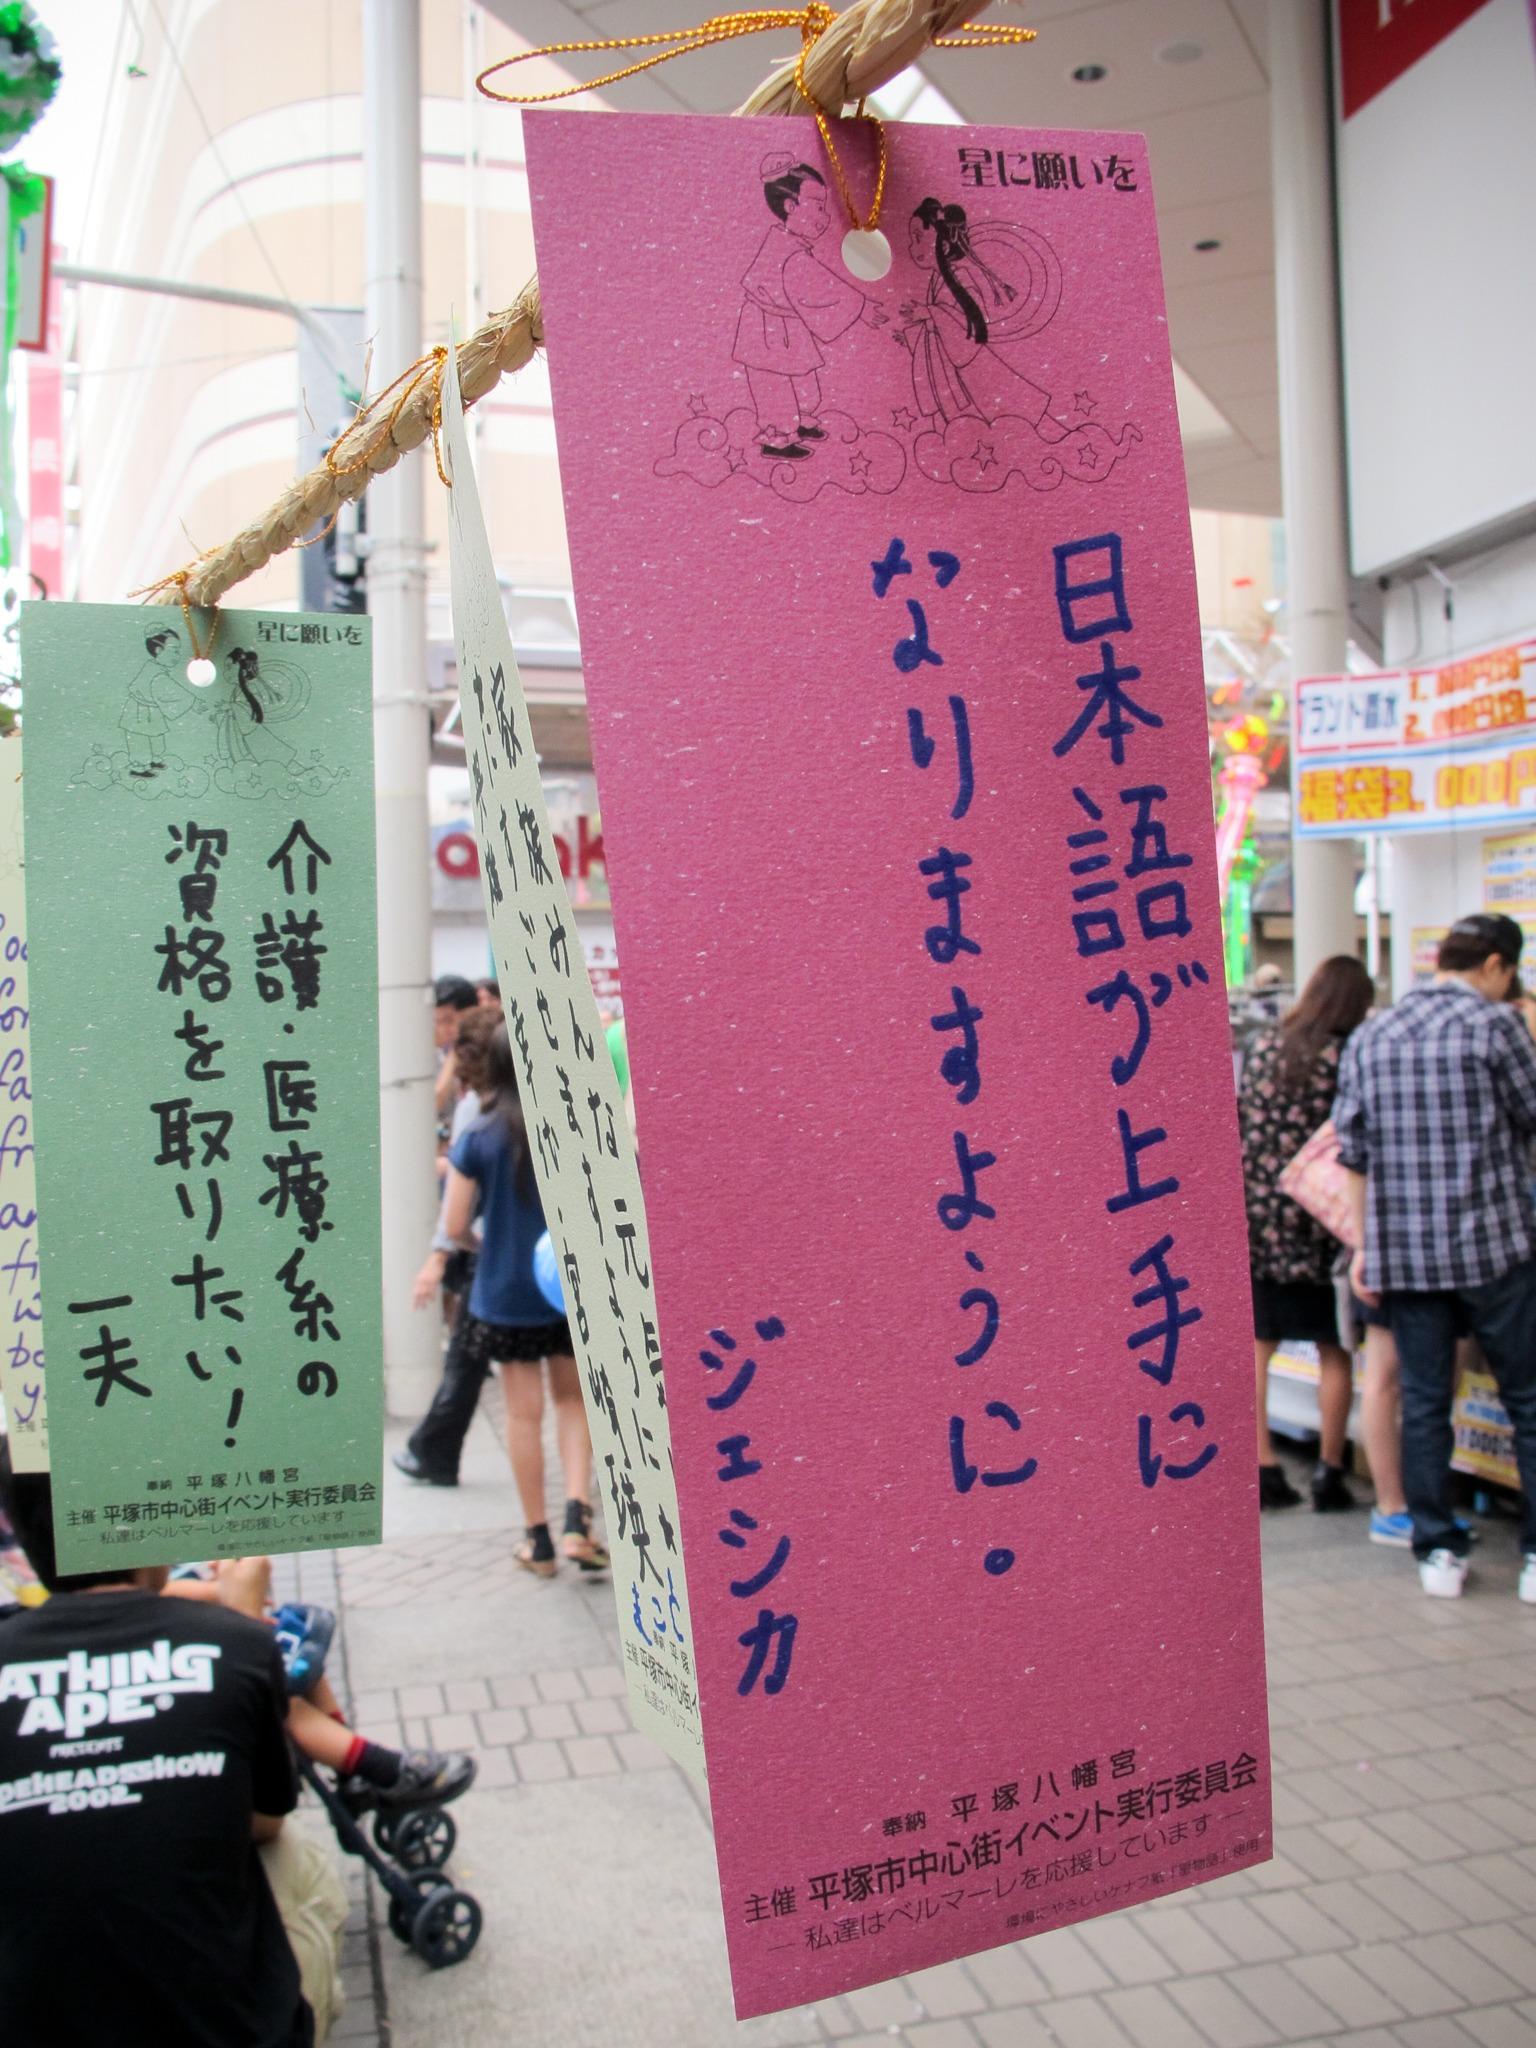 Tanabata Tanzaku, Hiratsuka Tanabata Festival, Kanagawa, Japan